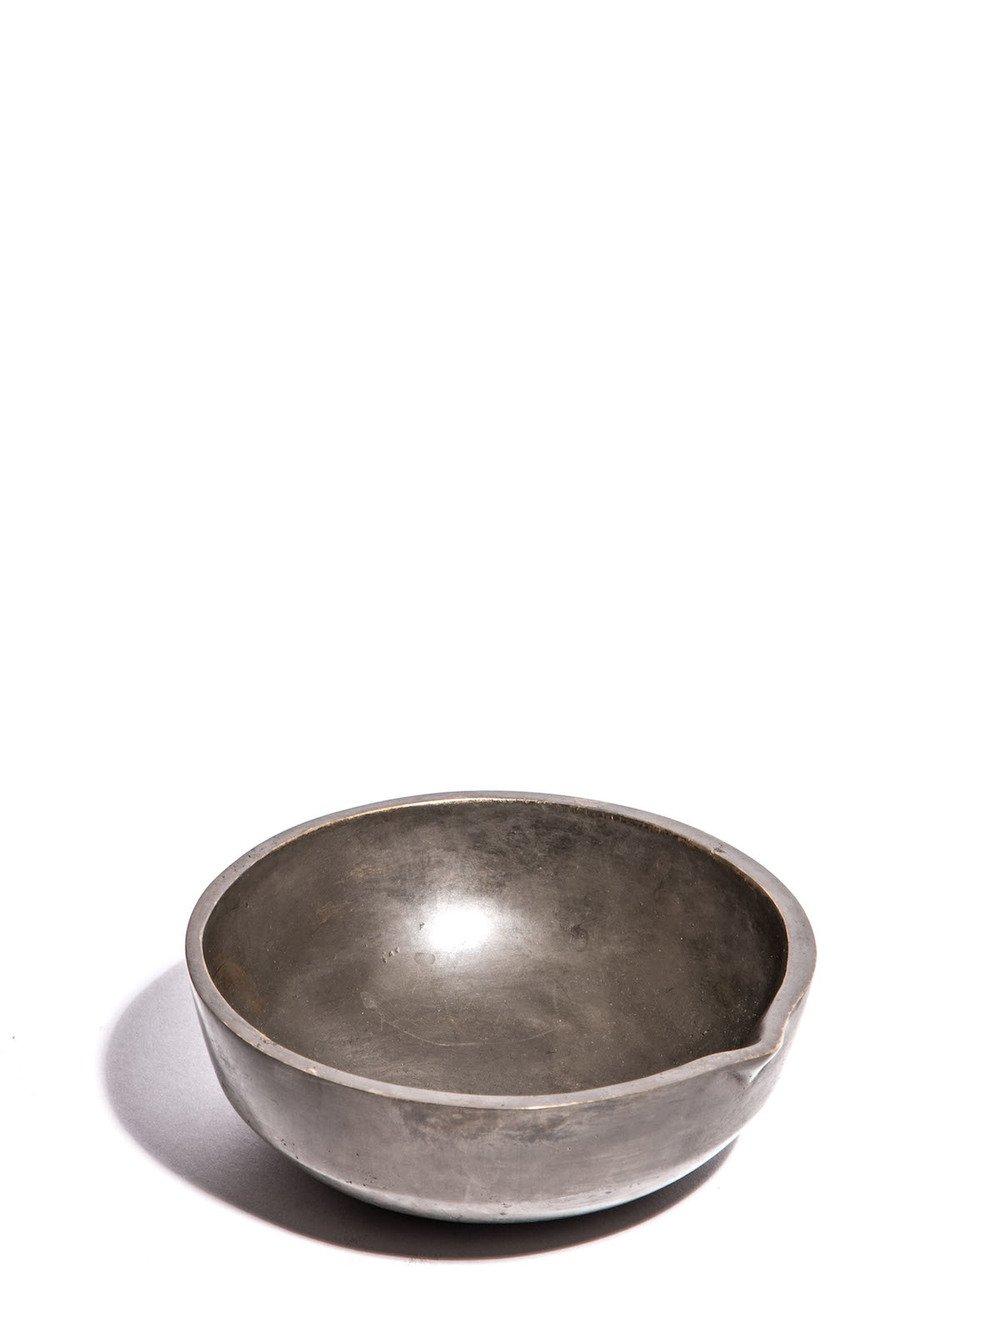 Original bowl 1